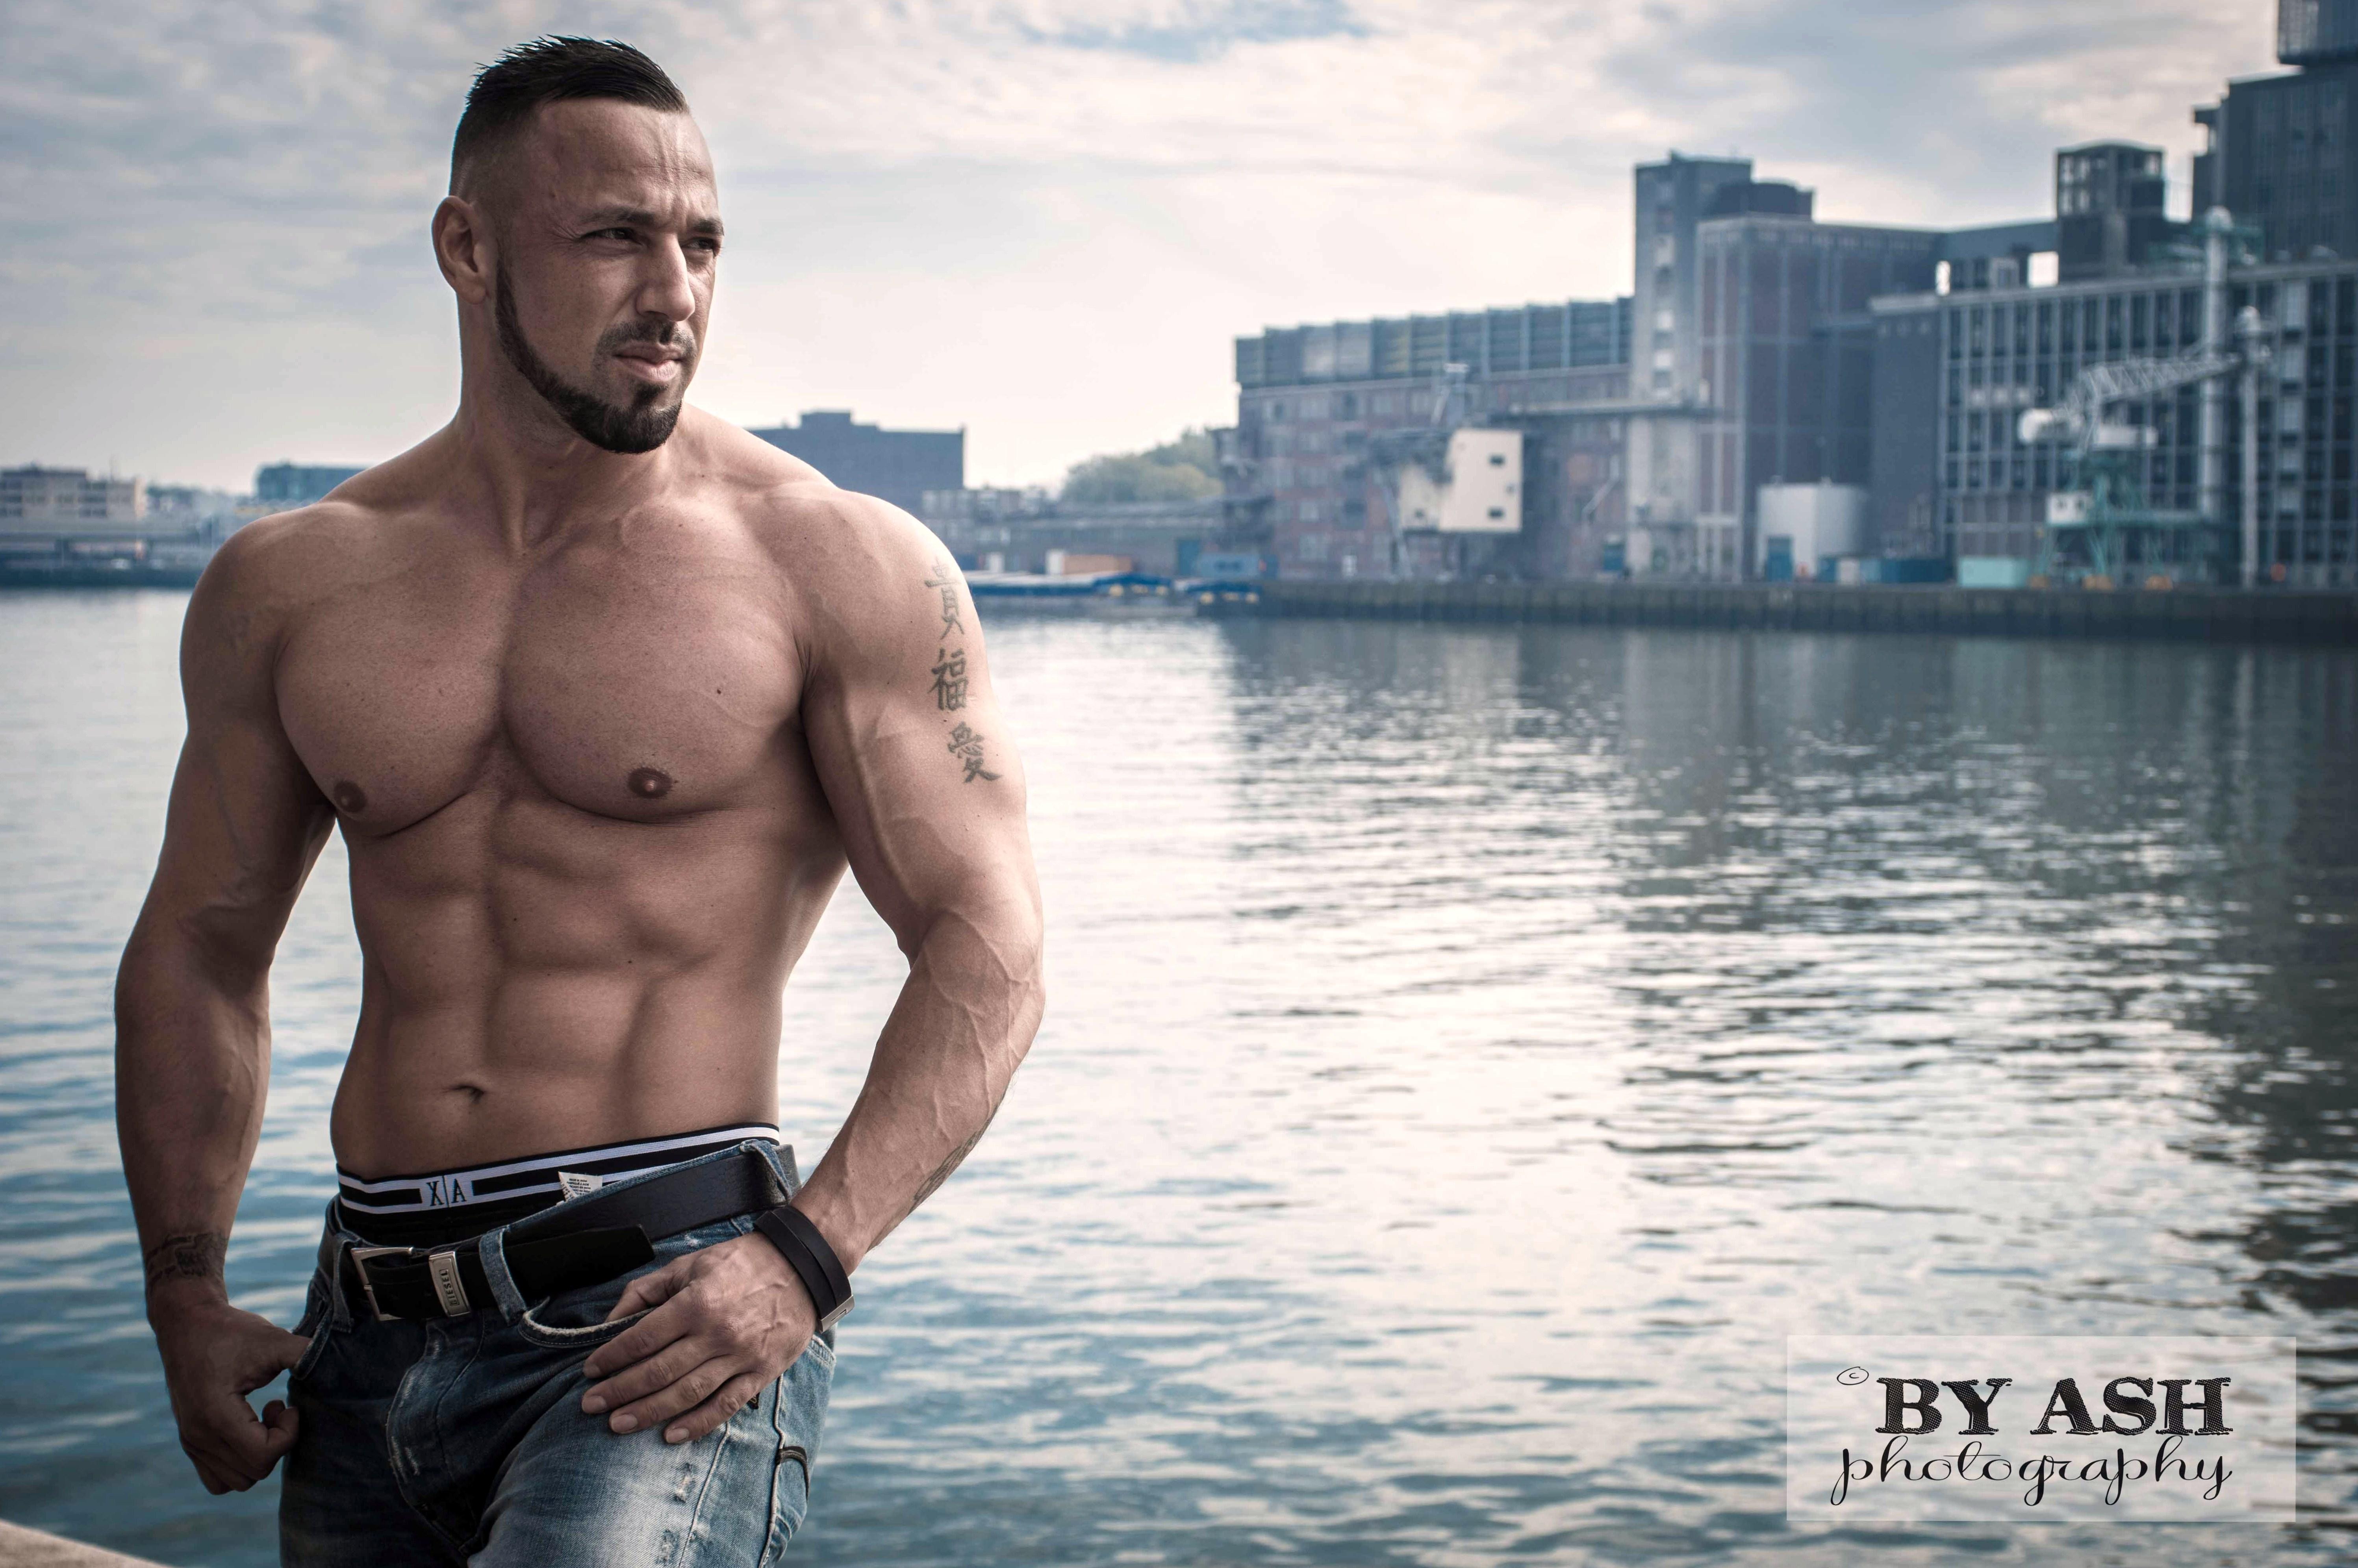 Bodybuildingkleding.com - Deniz Uludag - 7